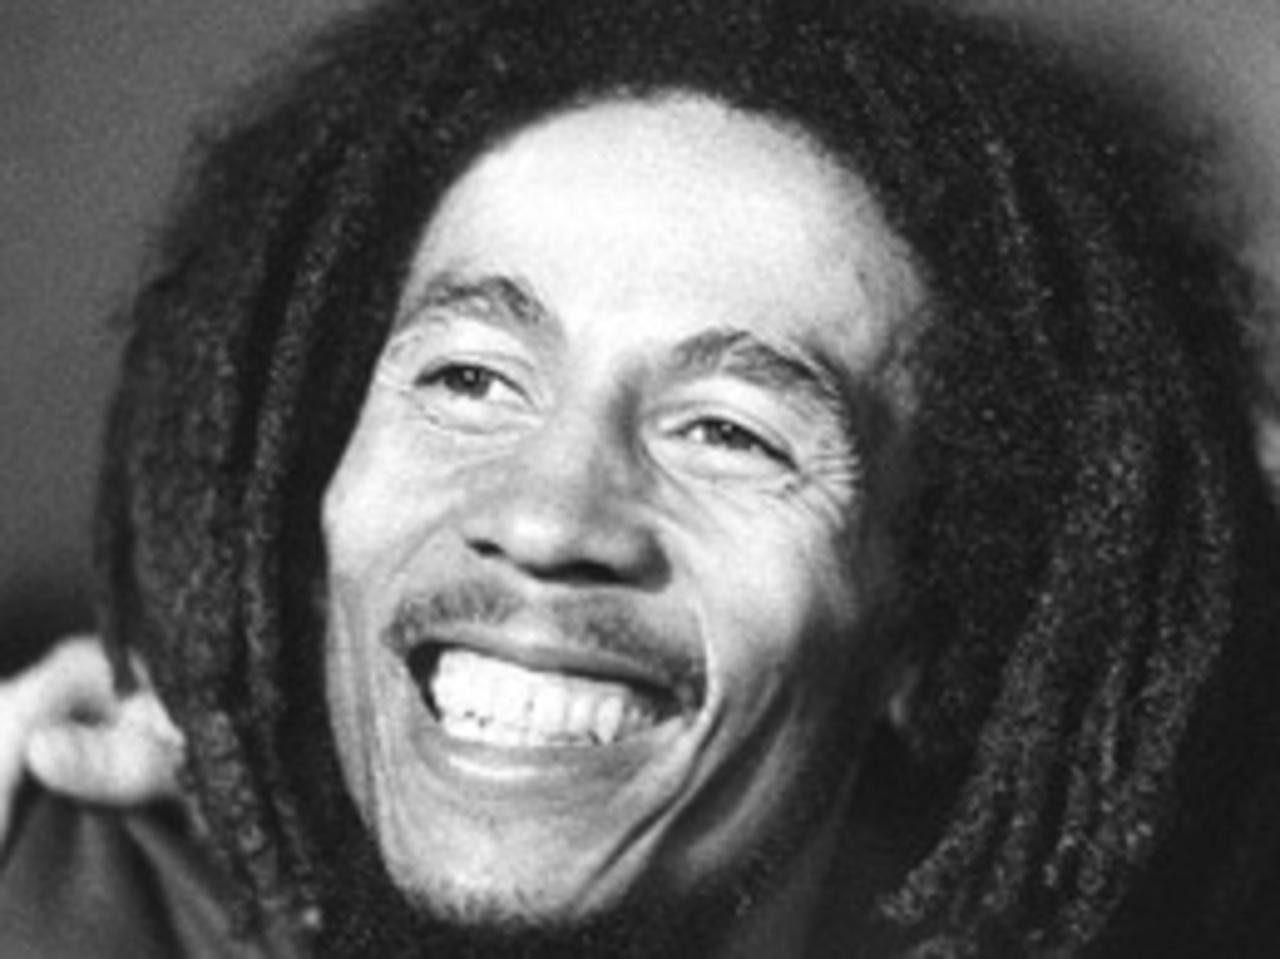 Il y a 30 ans, la légende du reggae Bob Marley s'éteignait